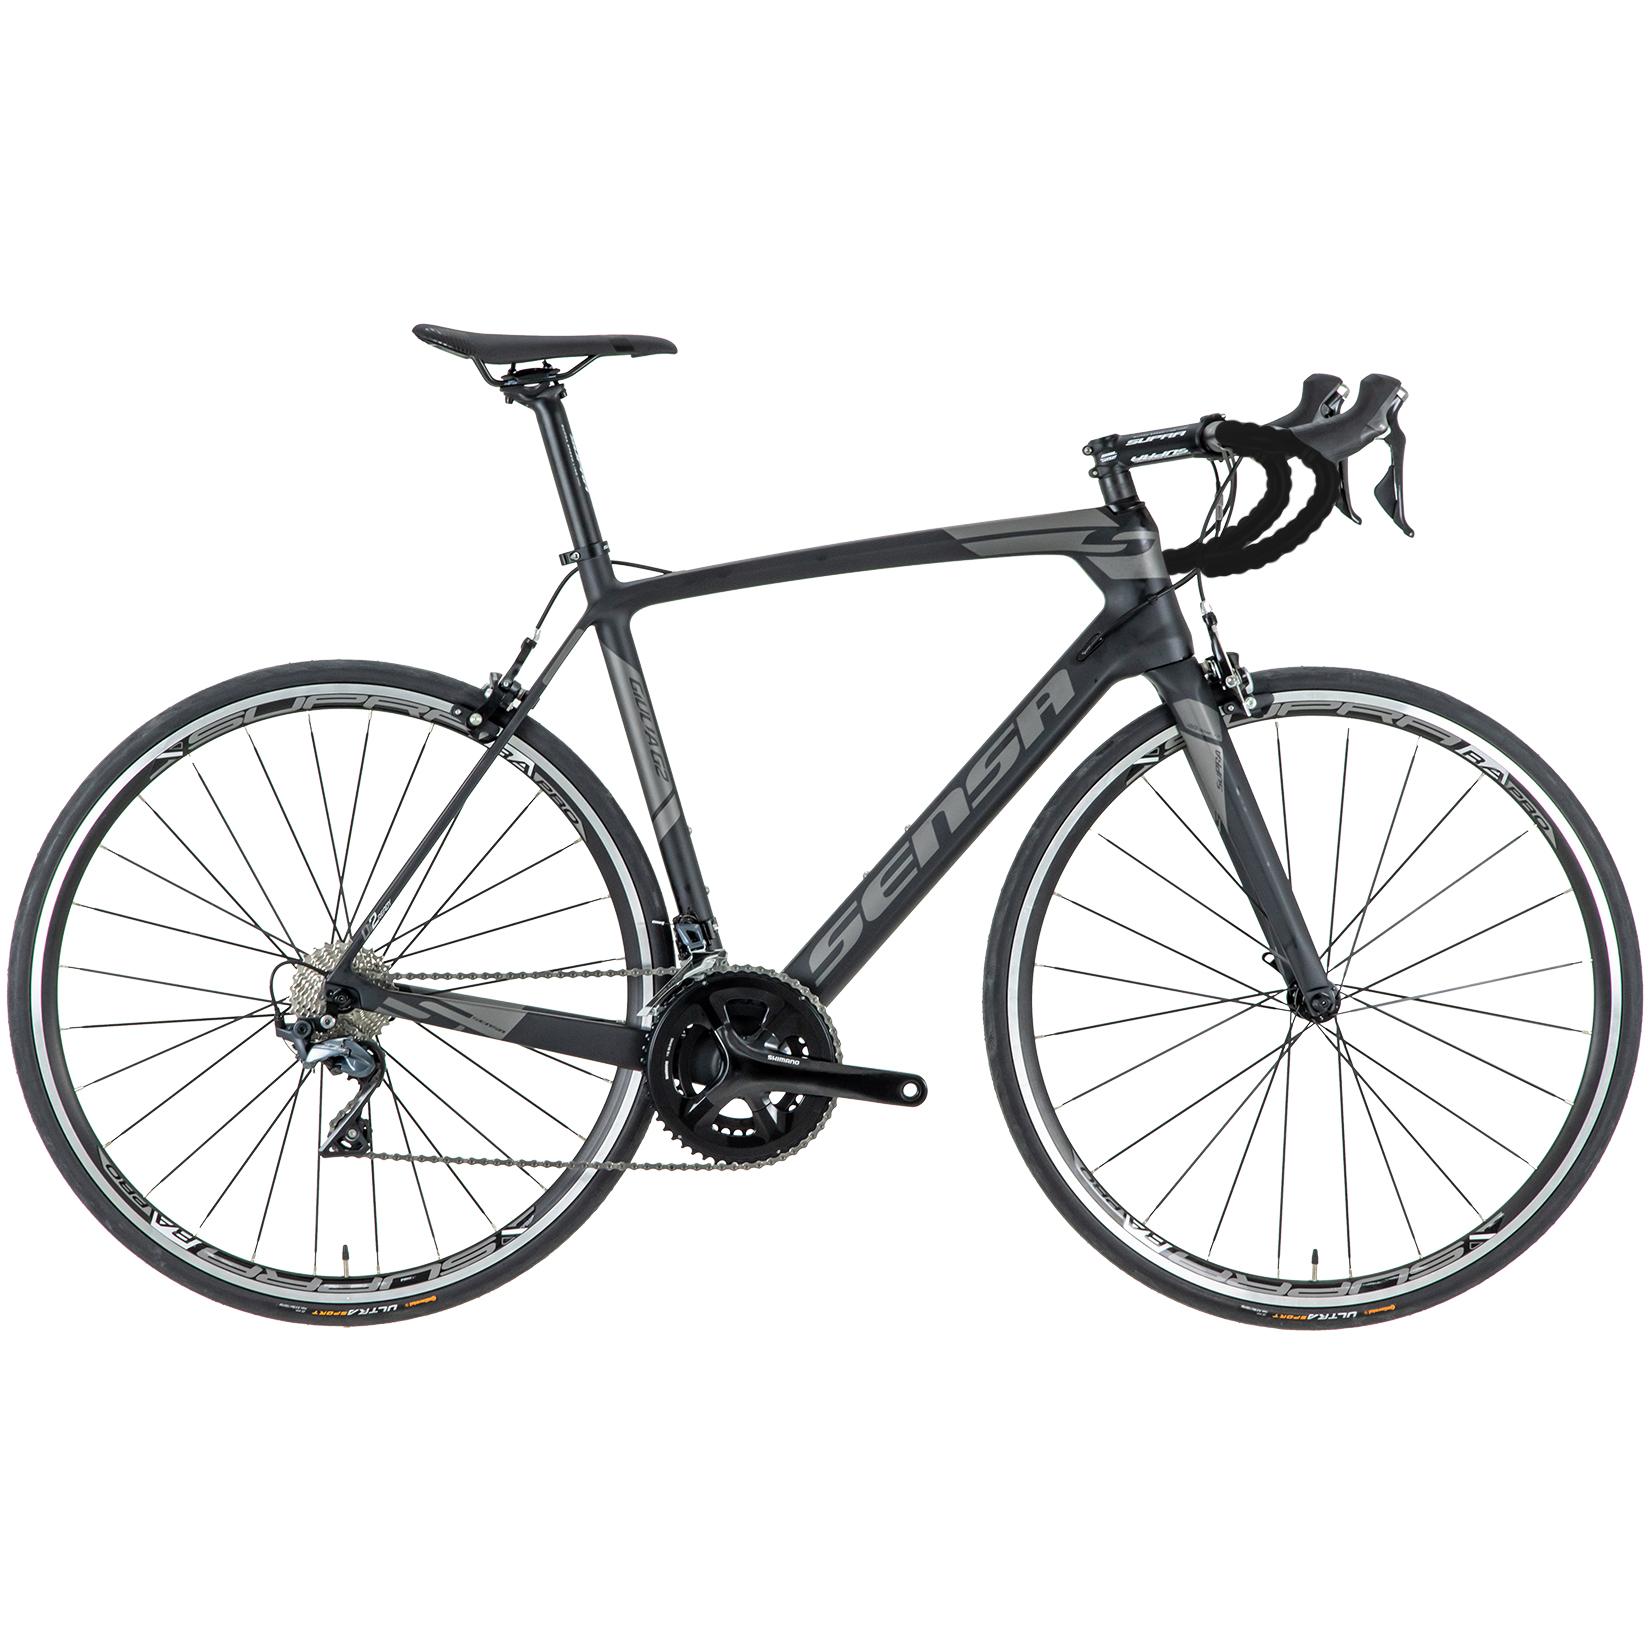 Sensa Giulia G2 Ultegra Mix Carbon Road Bike - 2018